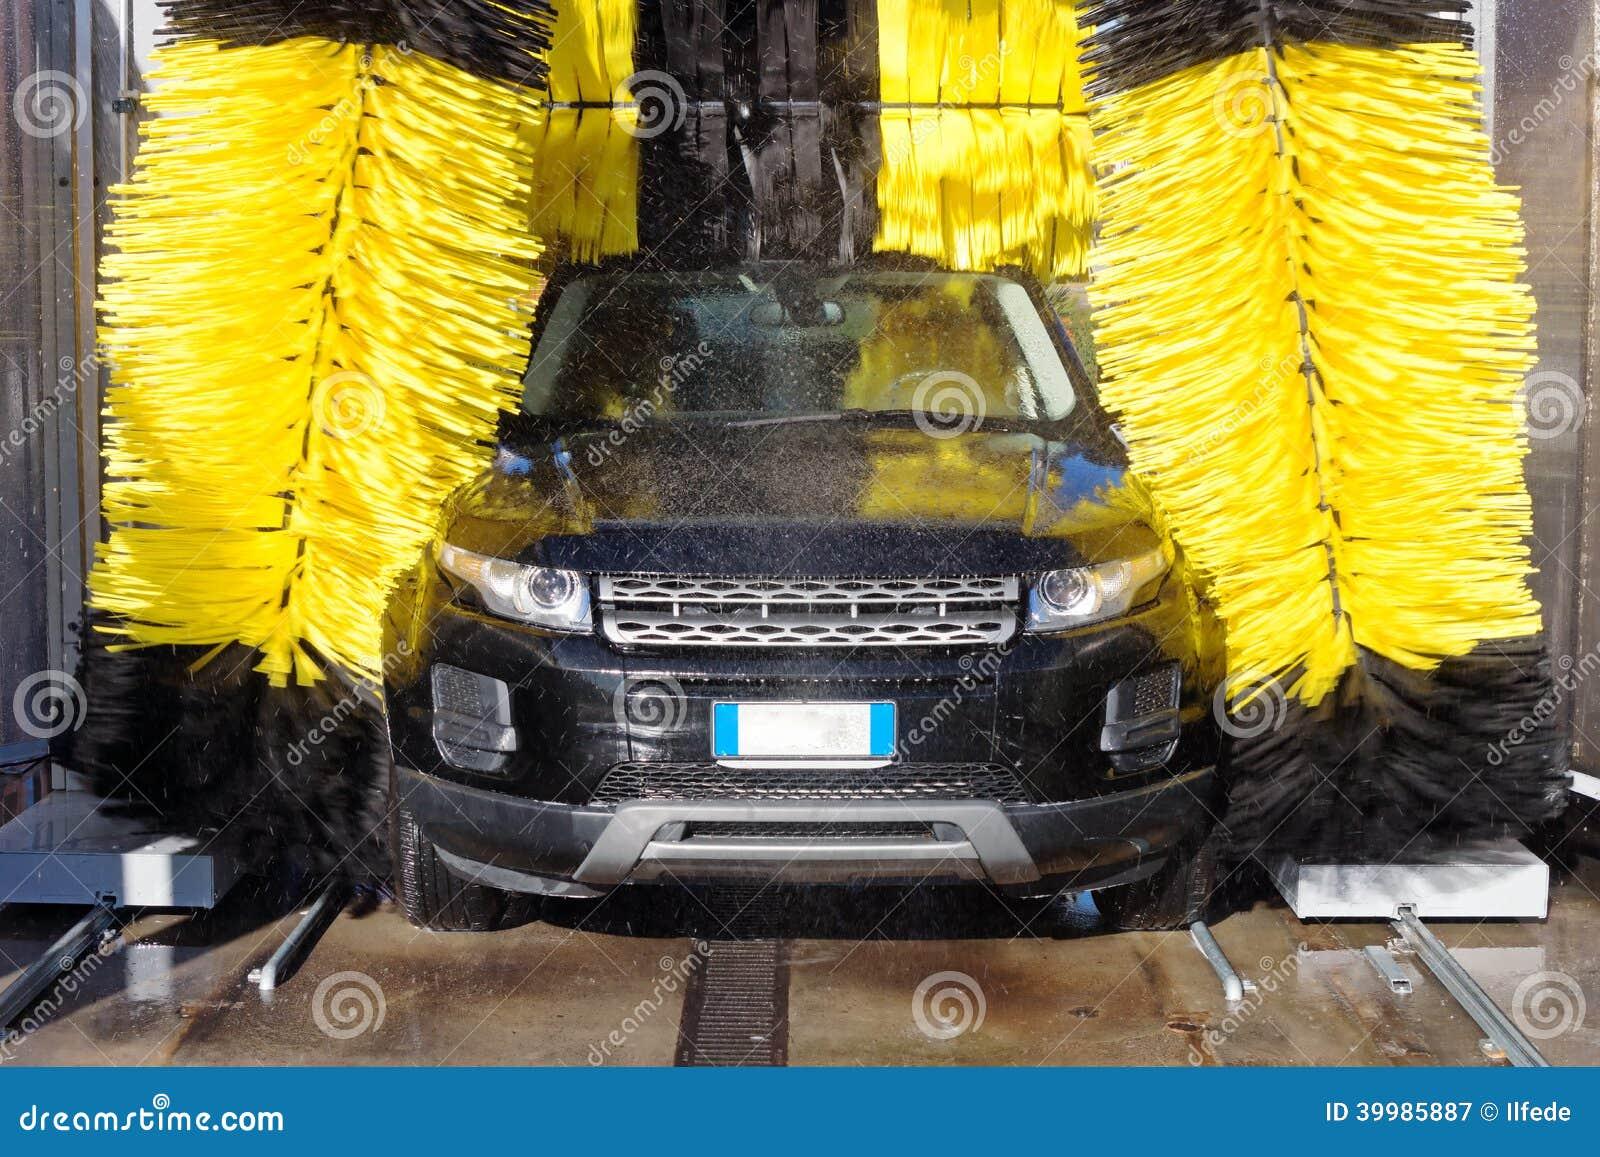 Car Wash Stock Photo Image 39985887